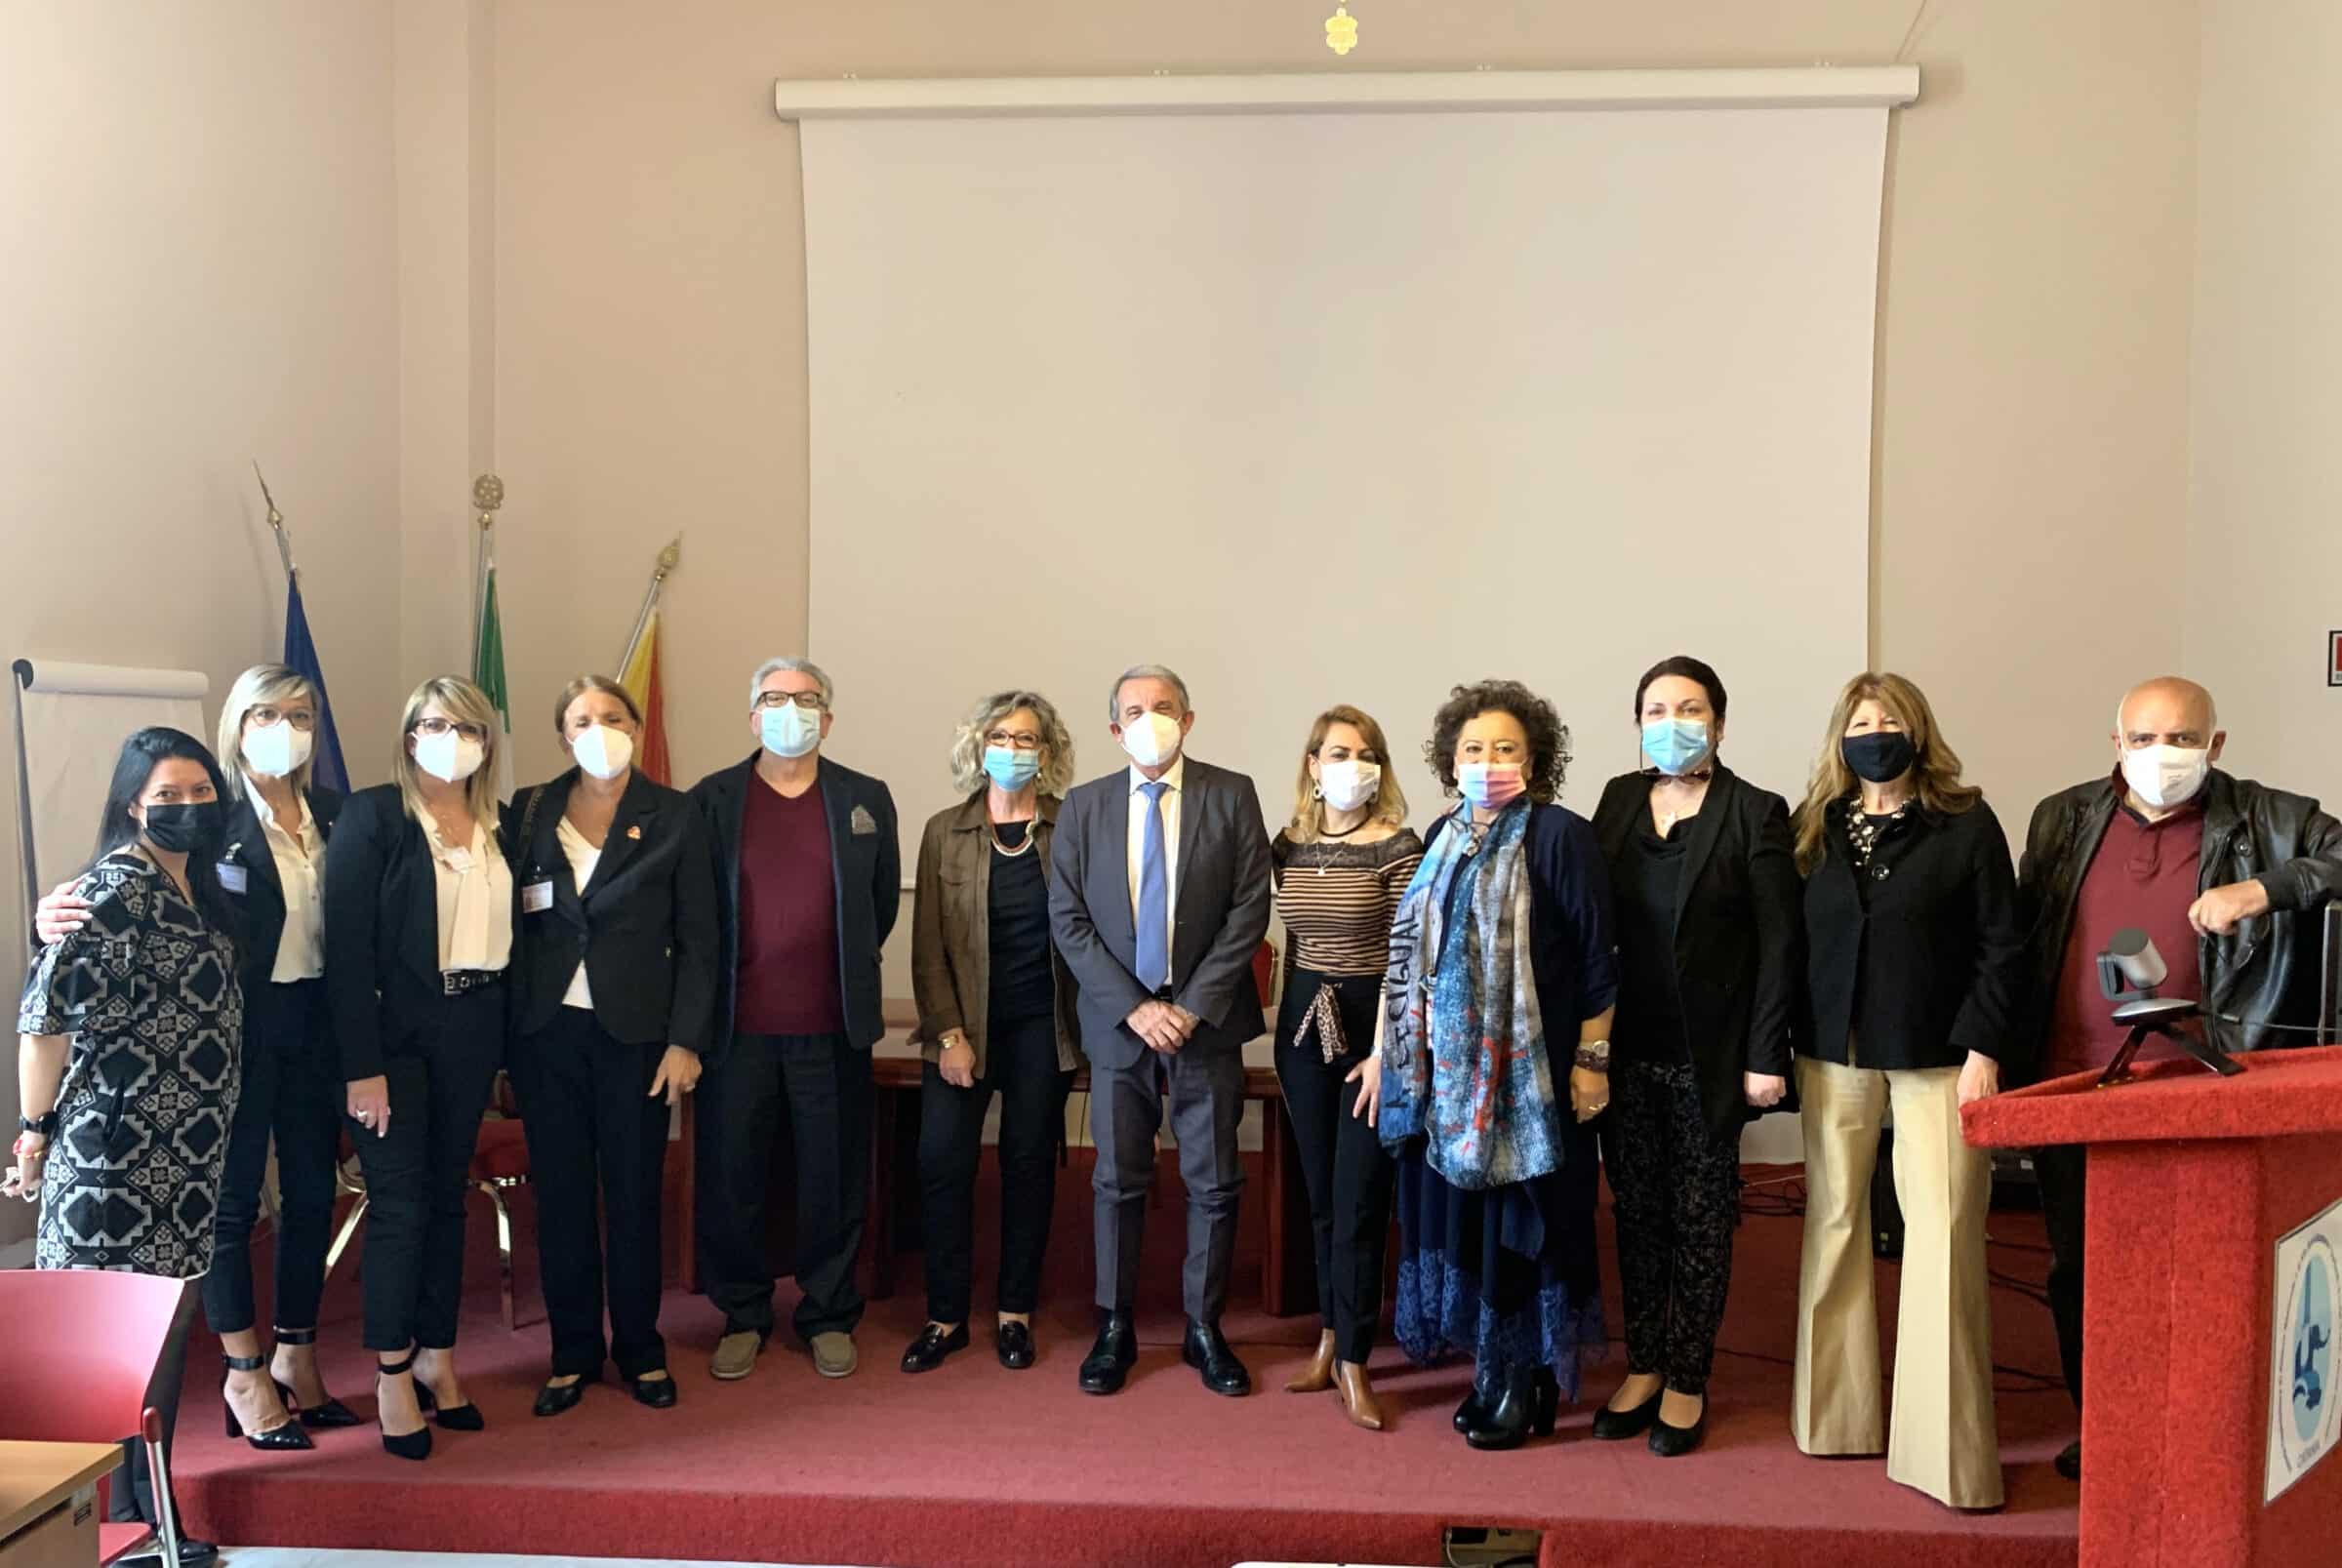 Covid Catania, all'ospedale Garibaldi si ringraziano le associazioni di volontariato a supporto dei pazienti